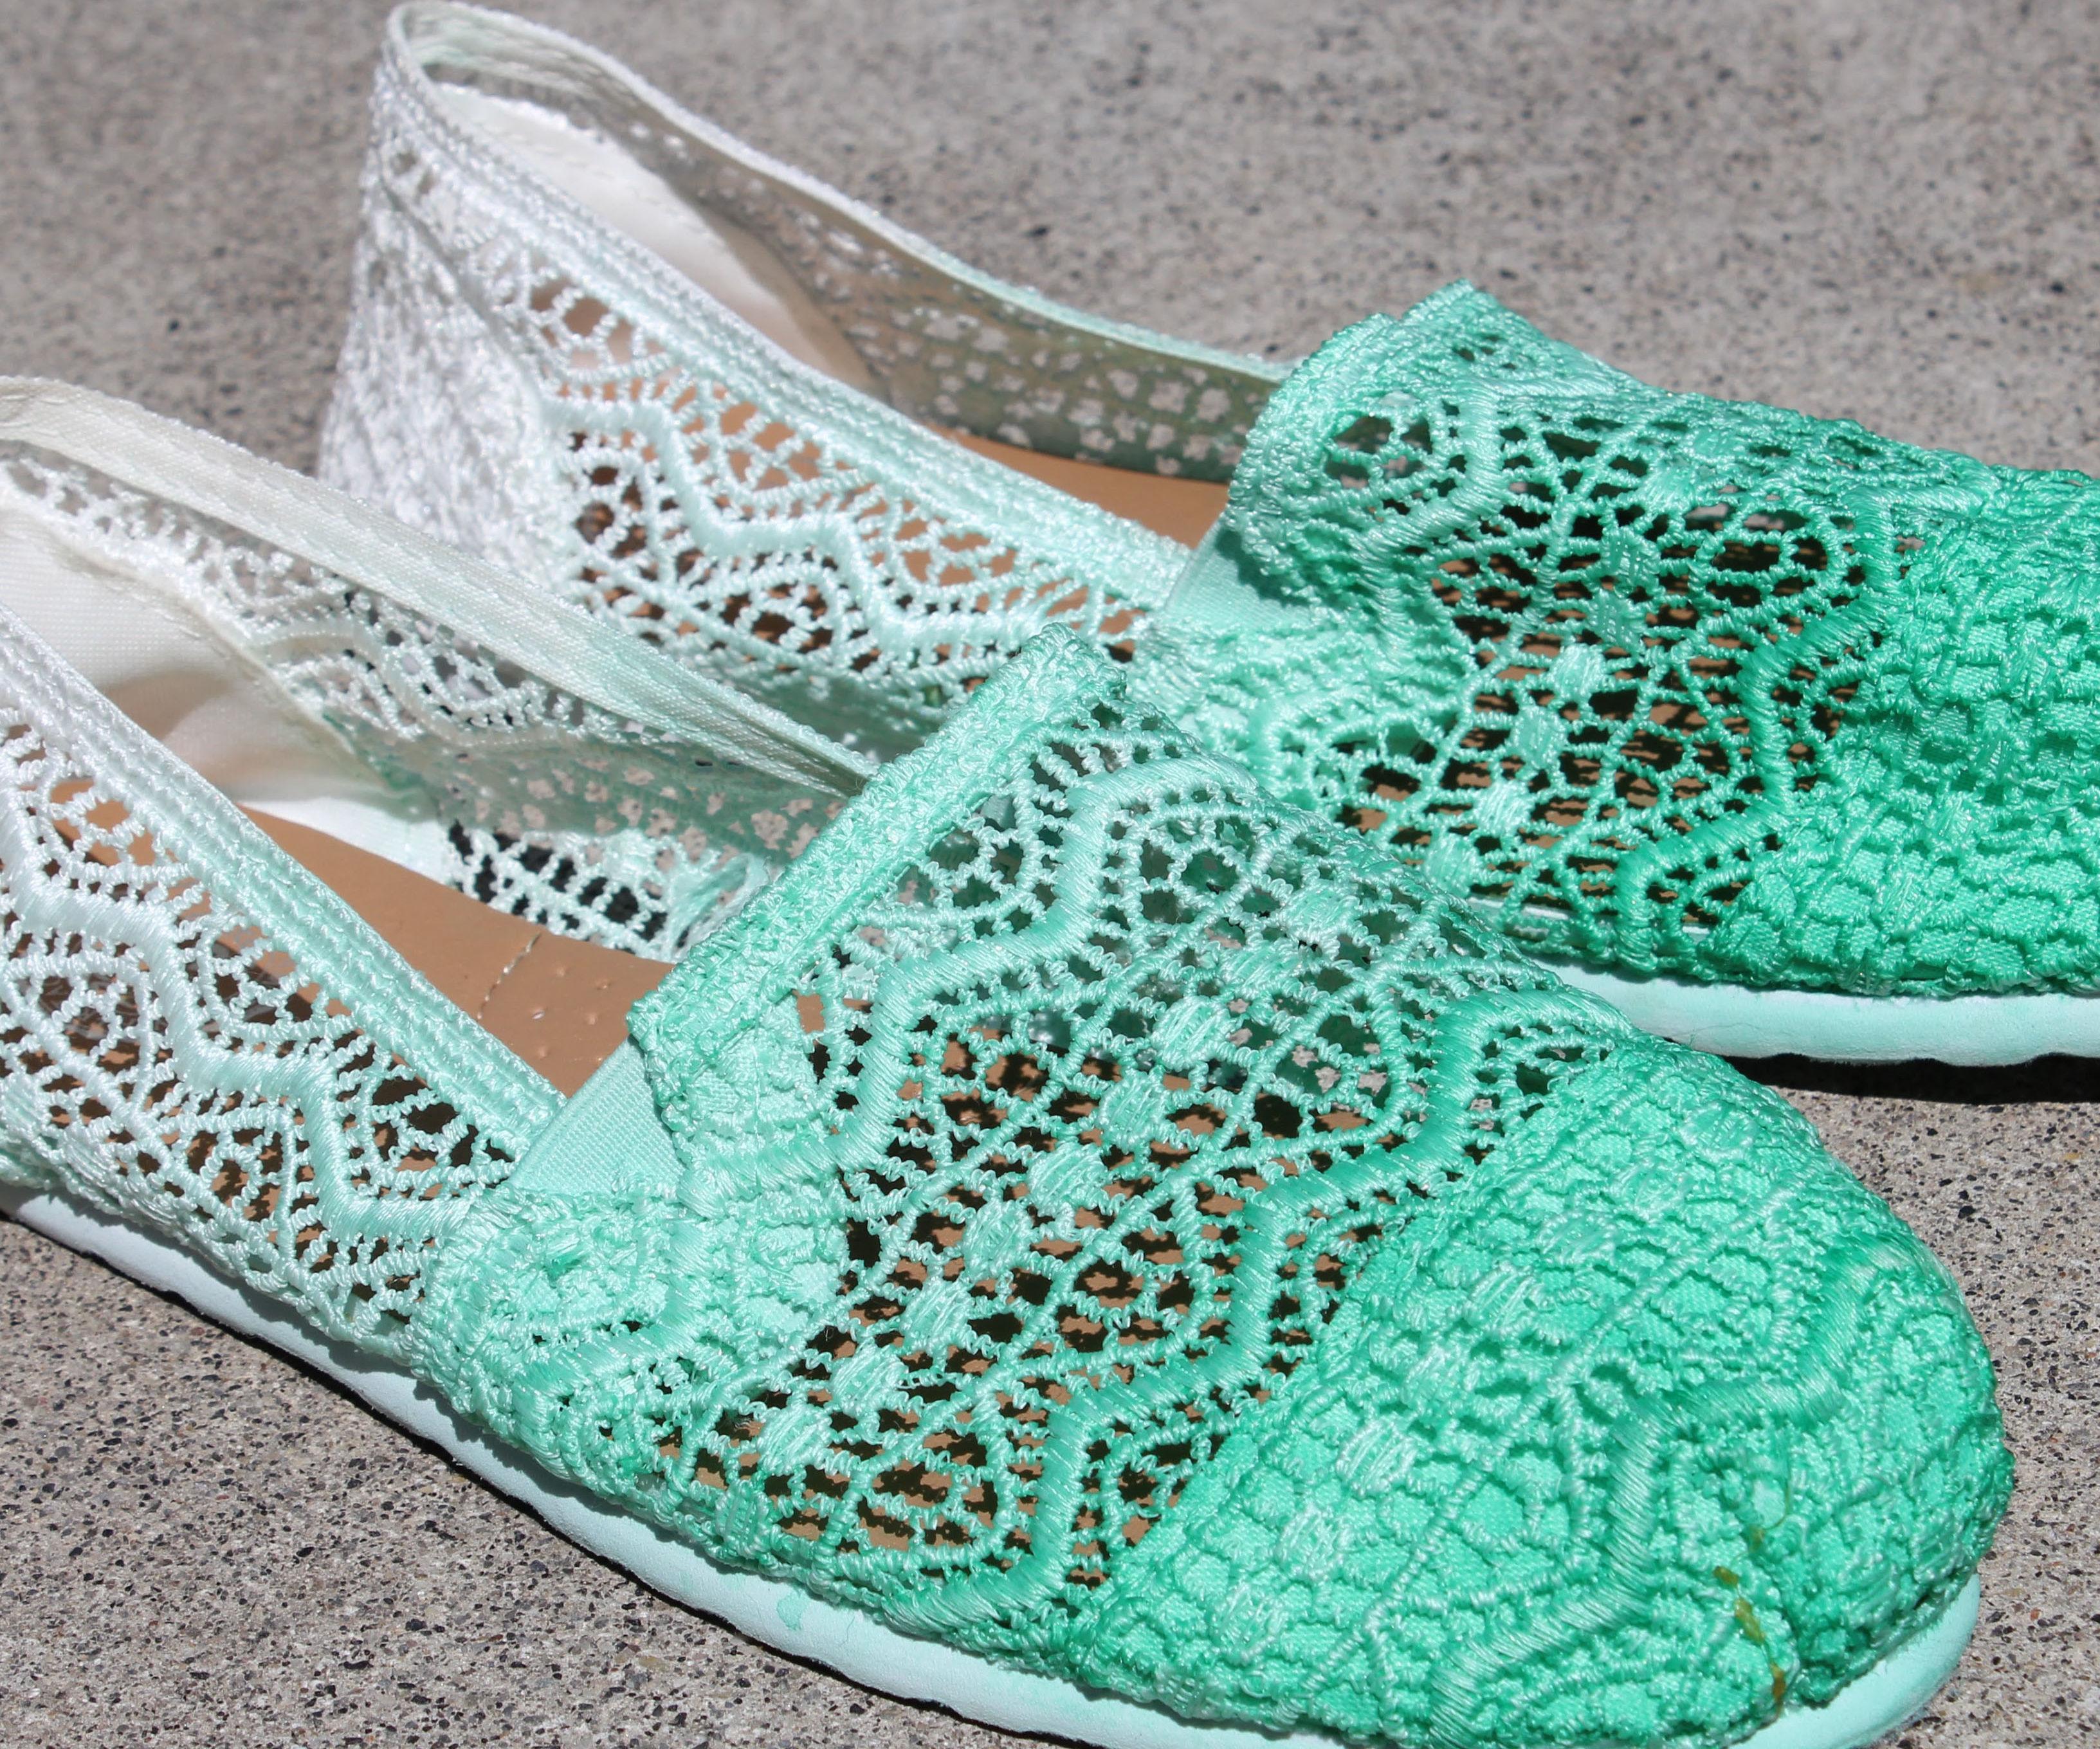 DIY Ombré Dyed Shoes